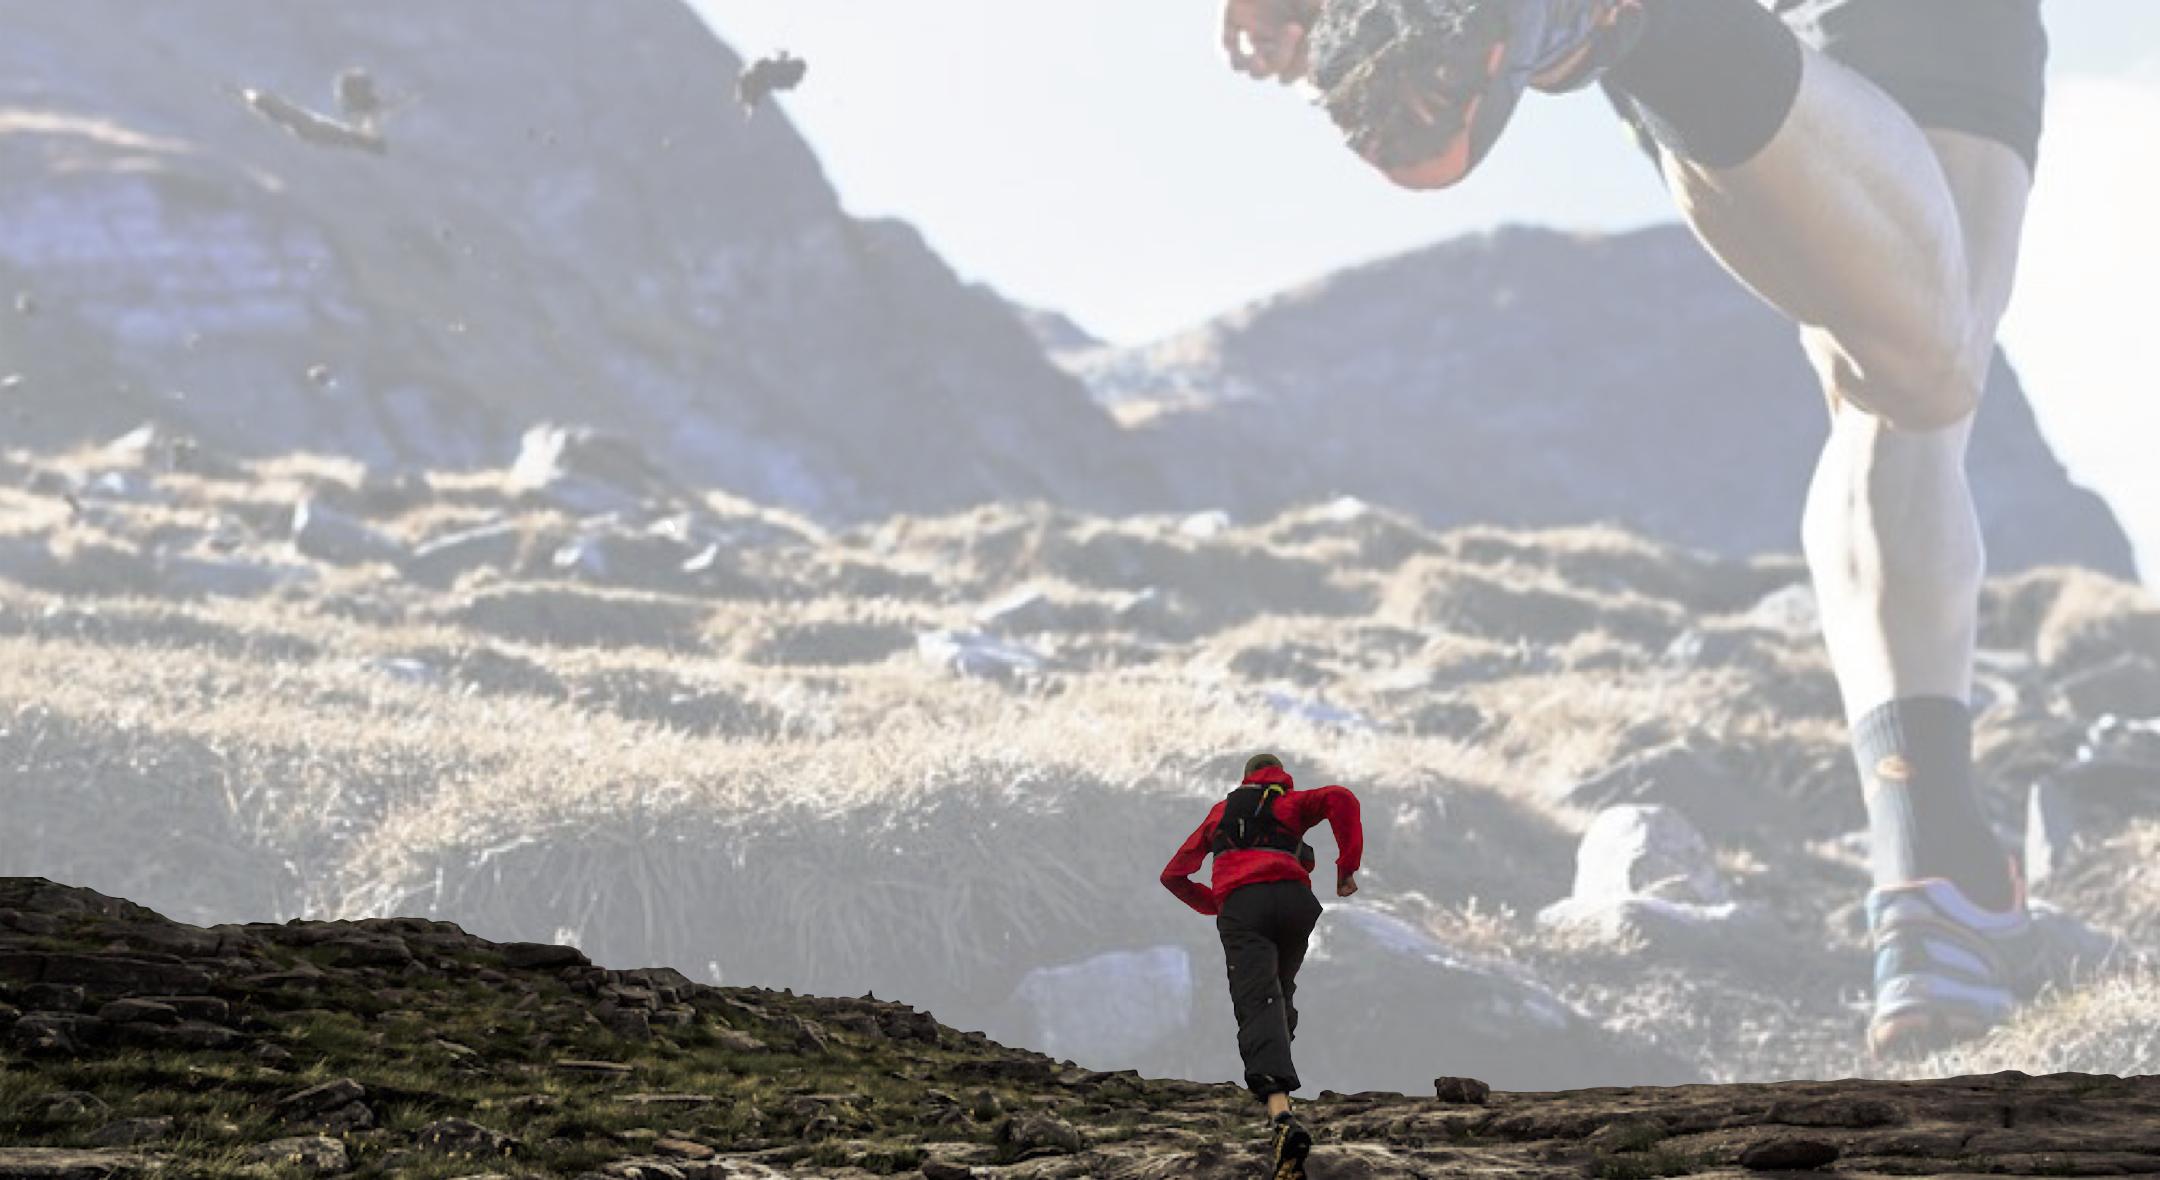 Run - Flow - Experience - Multi-Terrain là cuộc đua chạy bộ đáng giá bắt buộc phải tham gia nếu bạn là một dân chạy thực thụ; cuộc đua được phát triển và xây dựng với các tiêu chí cao nhất cùng với sự khám phá thiên nhiên núi rừng đa dạng trên các cung đường chạy. Các cự ly hứa hẹn sẽ đem đến những trải nghiệm khó quên mà người tham gia sẽ không bao giờ nghĩ tới. Đối với các cự ly Multi-Terrain, mỗi chặng đua sẽ là một niềm tự hào riêng. 42Km: A full marathon sẽ lưu lại những hình ảnh độc đáo trộn lẫn giữa kiến trúc nhân tạo và vẻ đẹp thuần hoá của thiên nhiên mà Vận Động Viên sẽ đi qua, từ những ngôi nhà làm bằng tre nứa đến những công trình 5 sao hoà lẫn vào thiên nhiên Đà Lạt. Hy vọng khi đến vạch về đích, Vận Động VIên sẽ có được cảm giác nhẹ nhõm và muốn chặng đua luôn mãi tiếp tục21Km: Một cung đường half marathon quý giá. Đây là cự ly phổ biến nhất, kết hợp giữa thiên nhiên hoang dã và những cảnh đẹp khó tả sẽ xuất hiện trên cung đường chạy có một không hai này. Điều này sẽ luôn thu hút những runners đam mê thiên nhiên quay lại từ năm này qua năm khác. 16Km: Được thiết kế dành cho những người mới bắt đầu chạy, chưa thoải mái với cự ly 21km hoặc cho những người đang tìm kiếm hoạt động nhẹ nhàng cùng với thiên nhiên ngoài trời, hoạt động cùng nhóm bạn, đồng nghiệp. Với cự ly 16km mới lại này sẽ bắt đầu từ SAM Resort Tuyen Lam, theo con đường nhựa trải dọc các suờn núi, quanhsân golf của Swiss-belResort và những cánh đồng cà phê của người dân tộc sẽ đem đến cho bạn những bức ảnh, cảnh đẹp về thiên nhiên trên cung đường chạy đặc biệt này; cự ly sẽ kết thúc ở một trong những resort thơ mộng nhất ở Hồ Tuyền Lâm - Edensee Resort 5Km for Charity The Innovation Initiative event: Toàn bộ 100% doanh thu của cự ly này sẽ được gây quỹ xuyên suốt cho các hoạt động môi trường, thiên nhiên cùng với các báo cáo công khai cho từng hoạt động trong quá trình thực hiện. Cự ly này tạo động lực cho mọi người, ai cũng có thể tham gia từ trẻ nhỏ đến người lớn tuổi. Đường chạy này là 